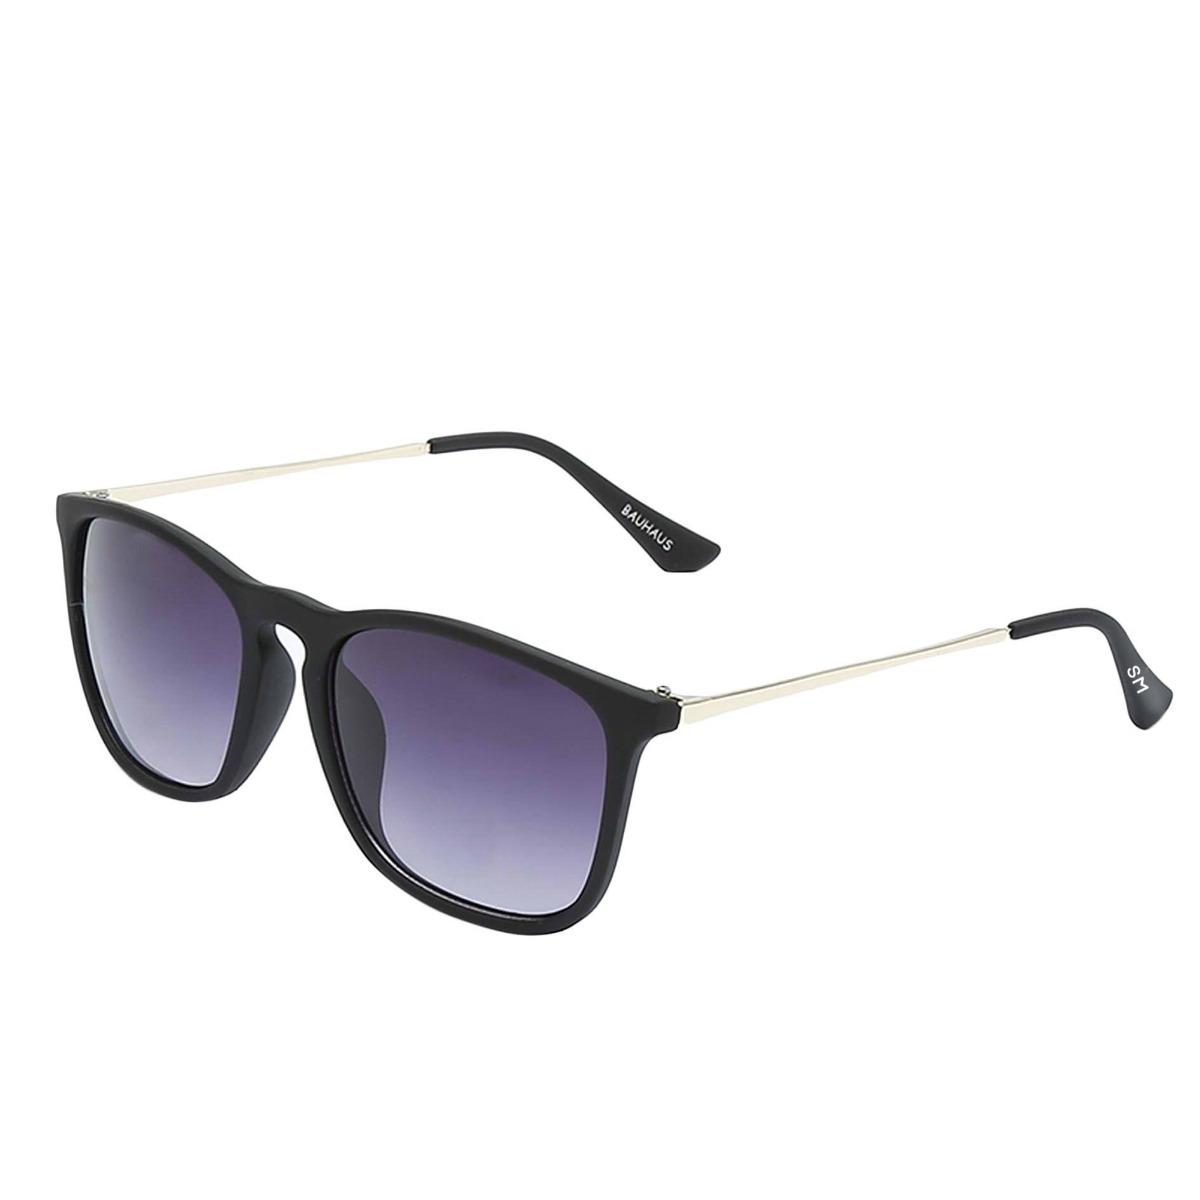 Óculos De Sol Masculino Sandro Moscoloni Riquelme Preto - R  139,90 ... 80983aea6f